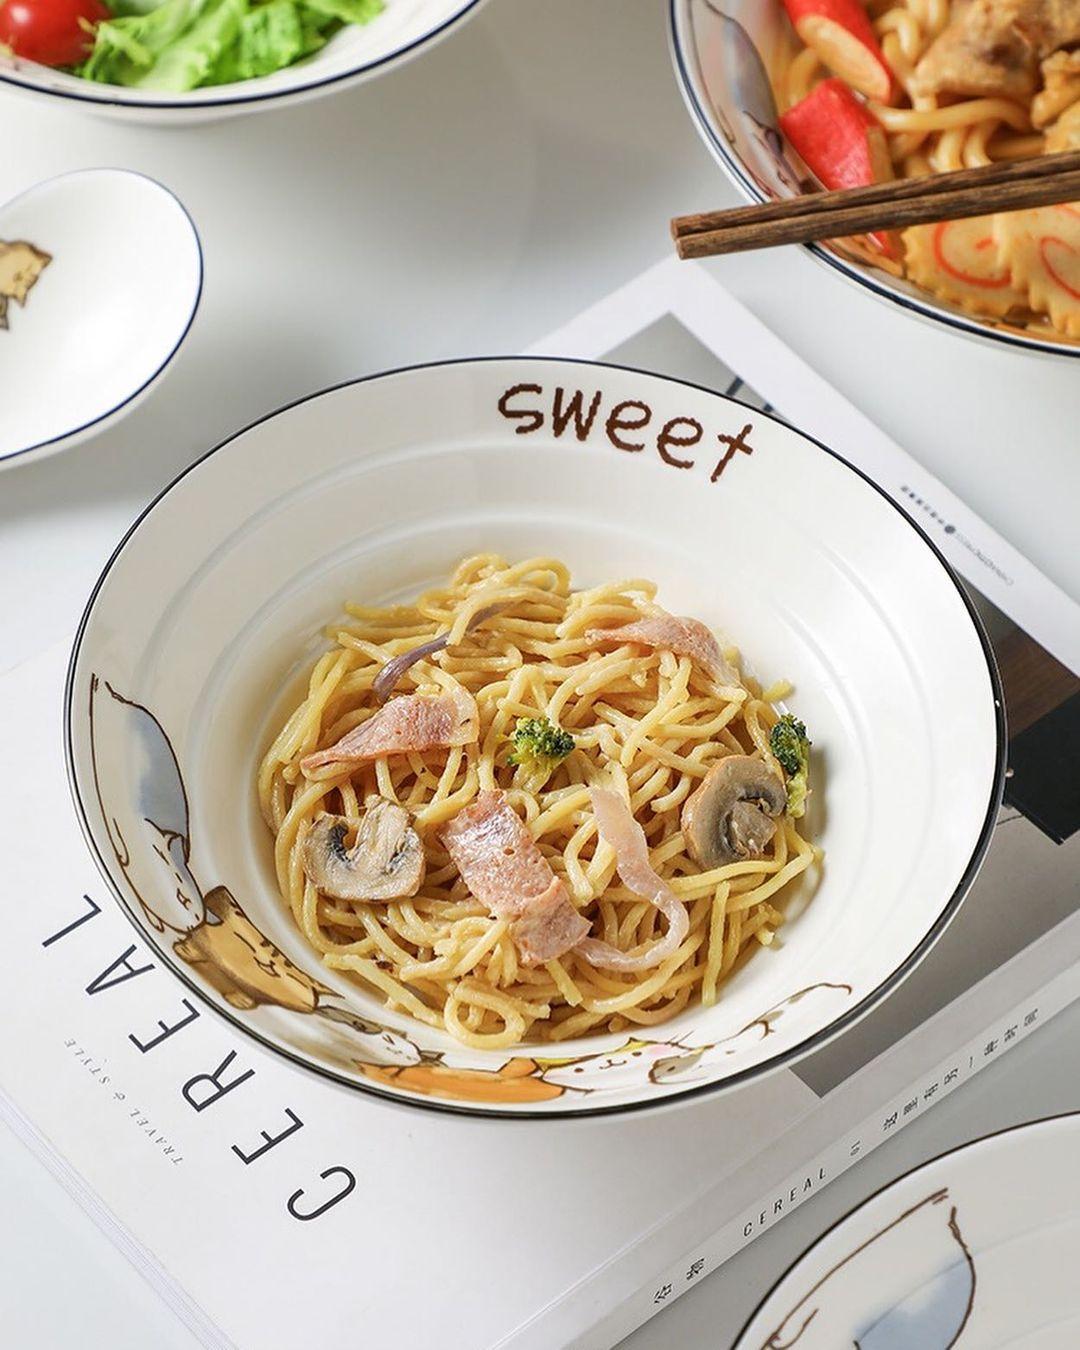 Bắt chước Rosé sắm bát thật xinh để bữa ăn nào cũng ngon lành nịnh mắt - Ảnh 5.